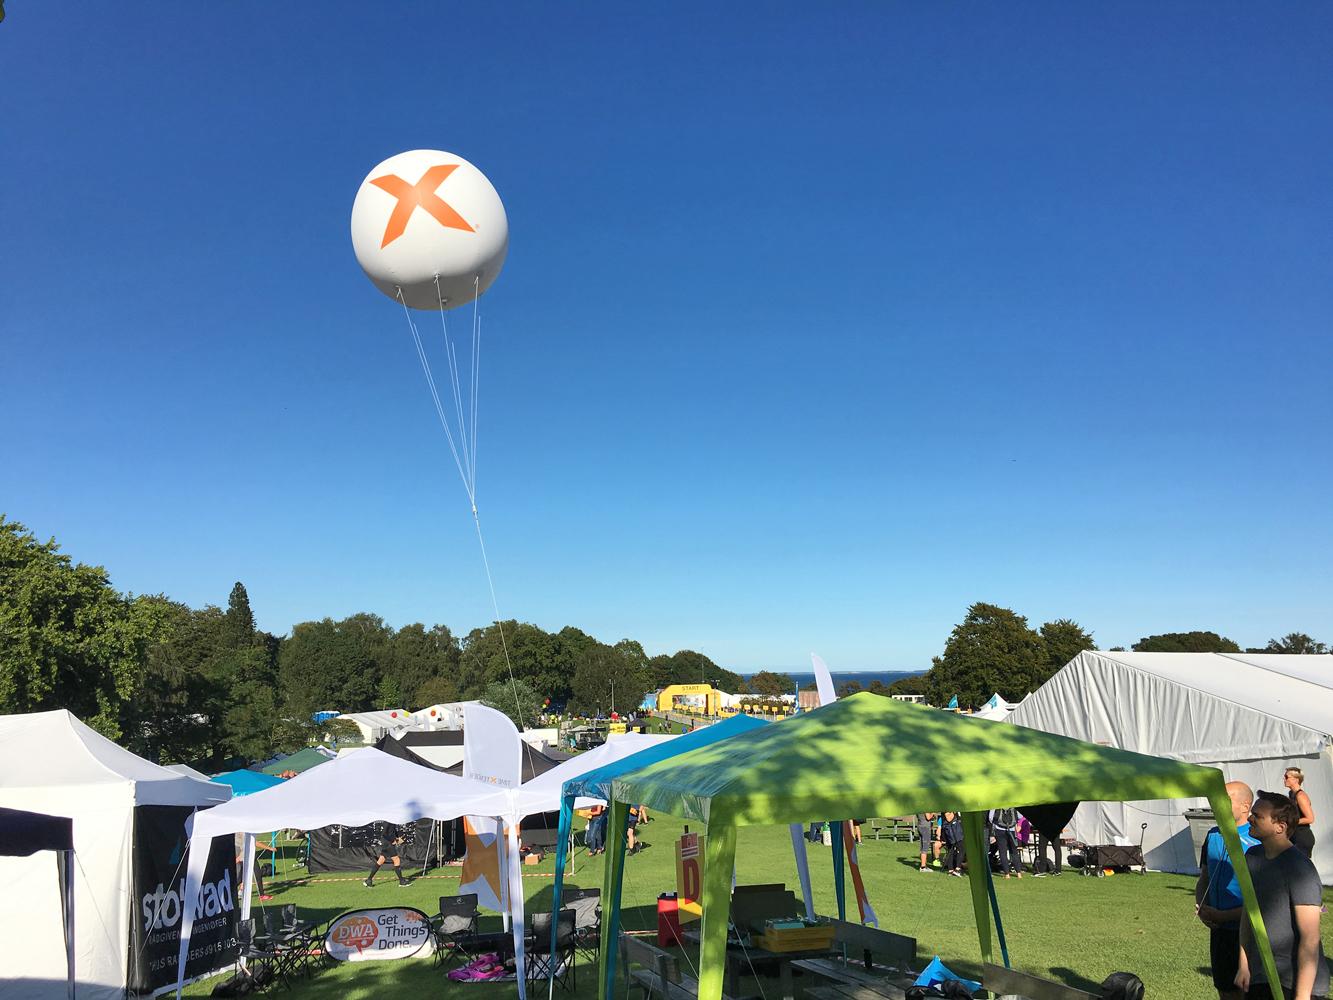 Svævende reklameballoner